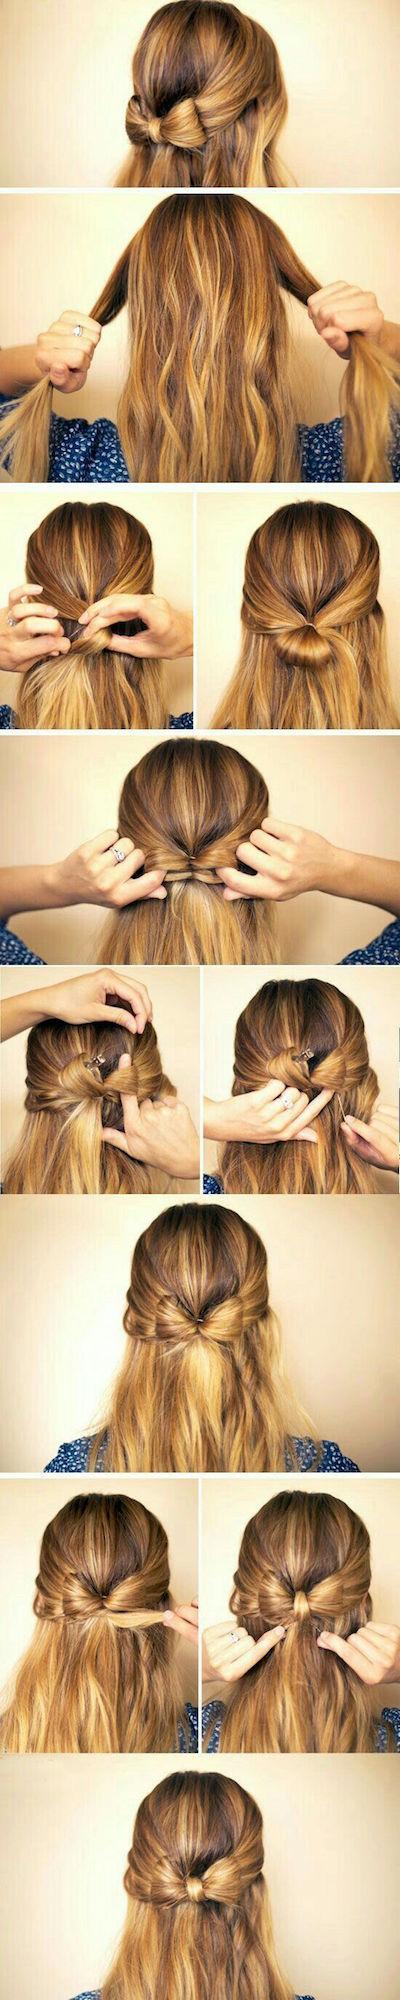 cheveux noeud tuto